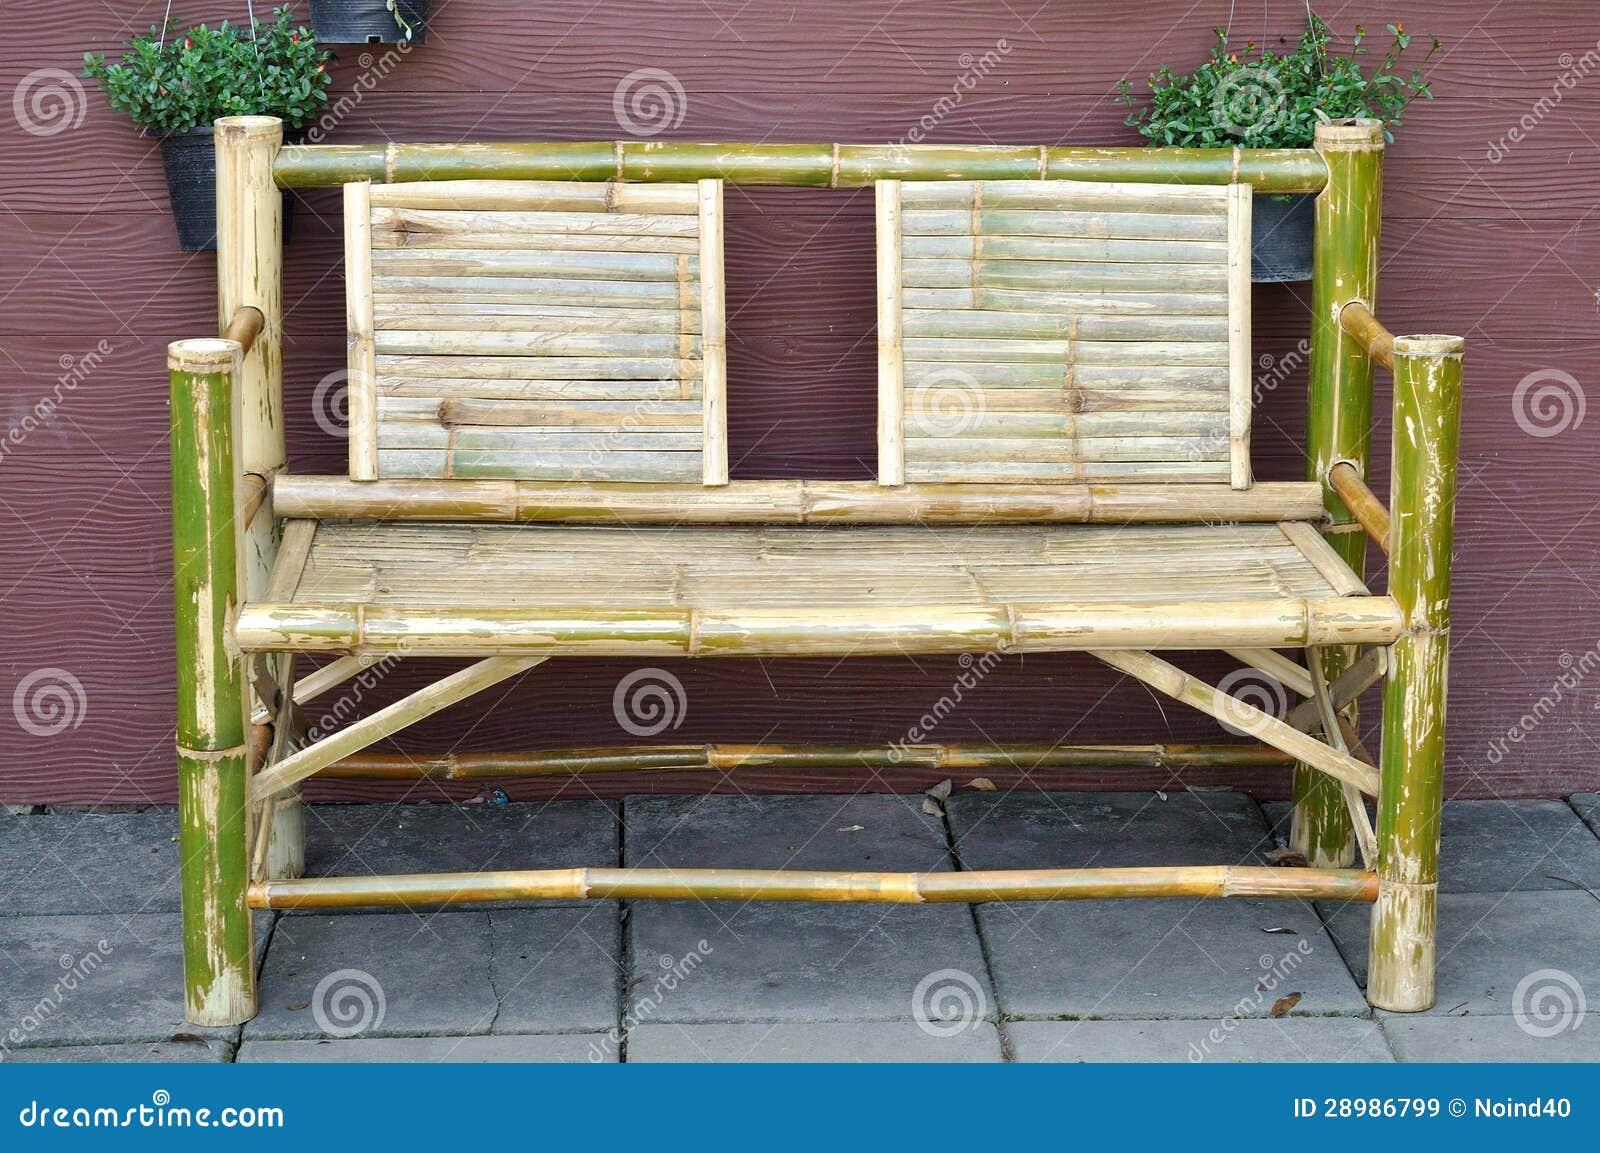 bambusstuhl stockbild. bild von funktion, alter, rest - 28986799